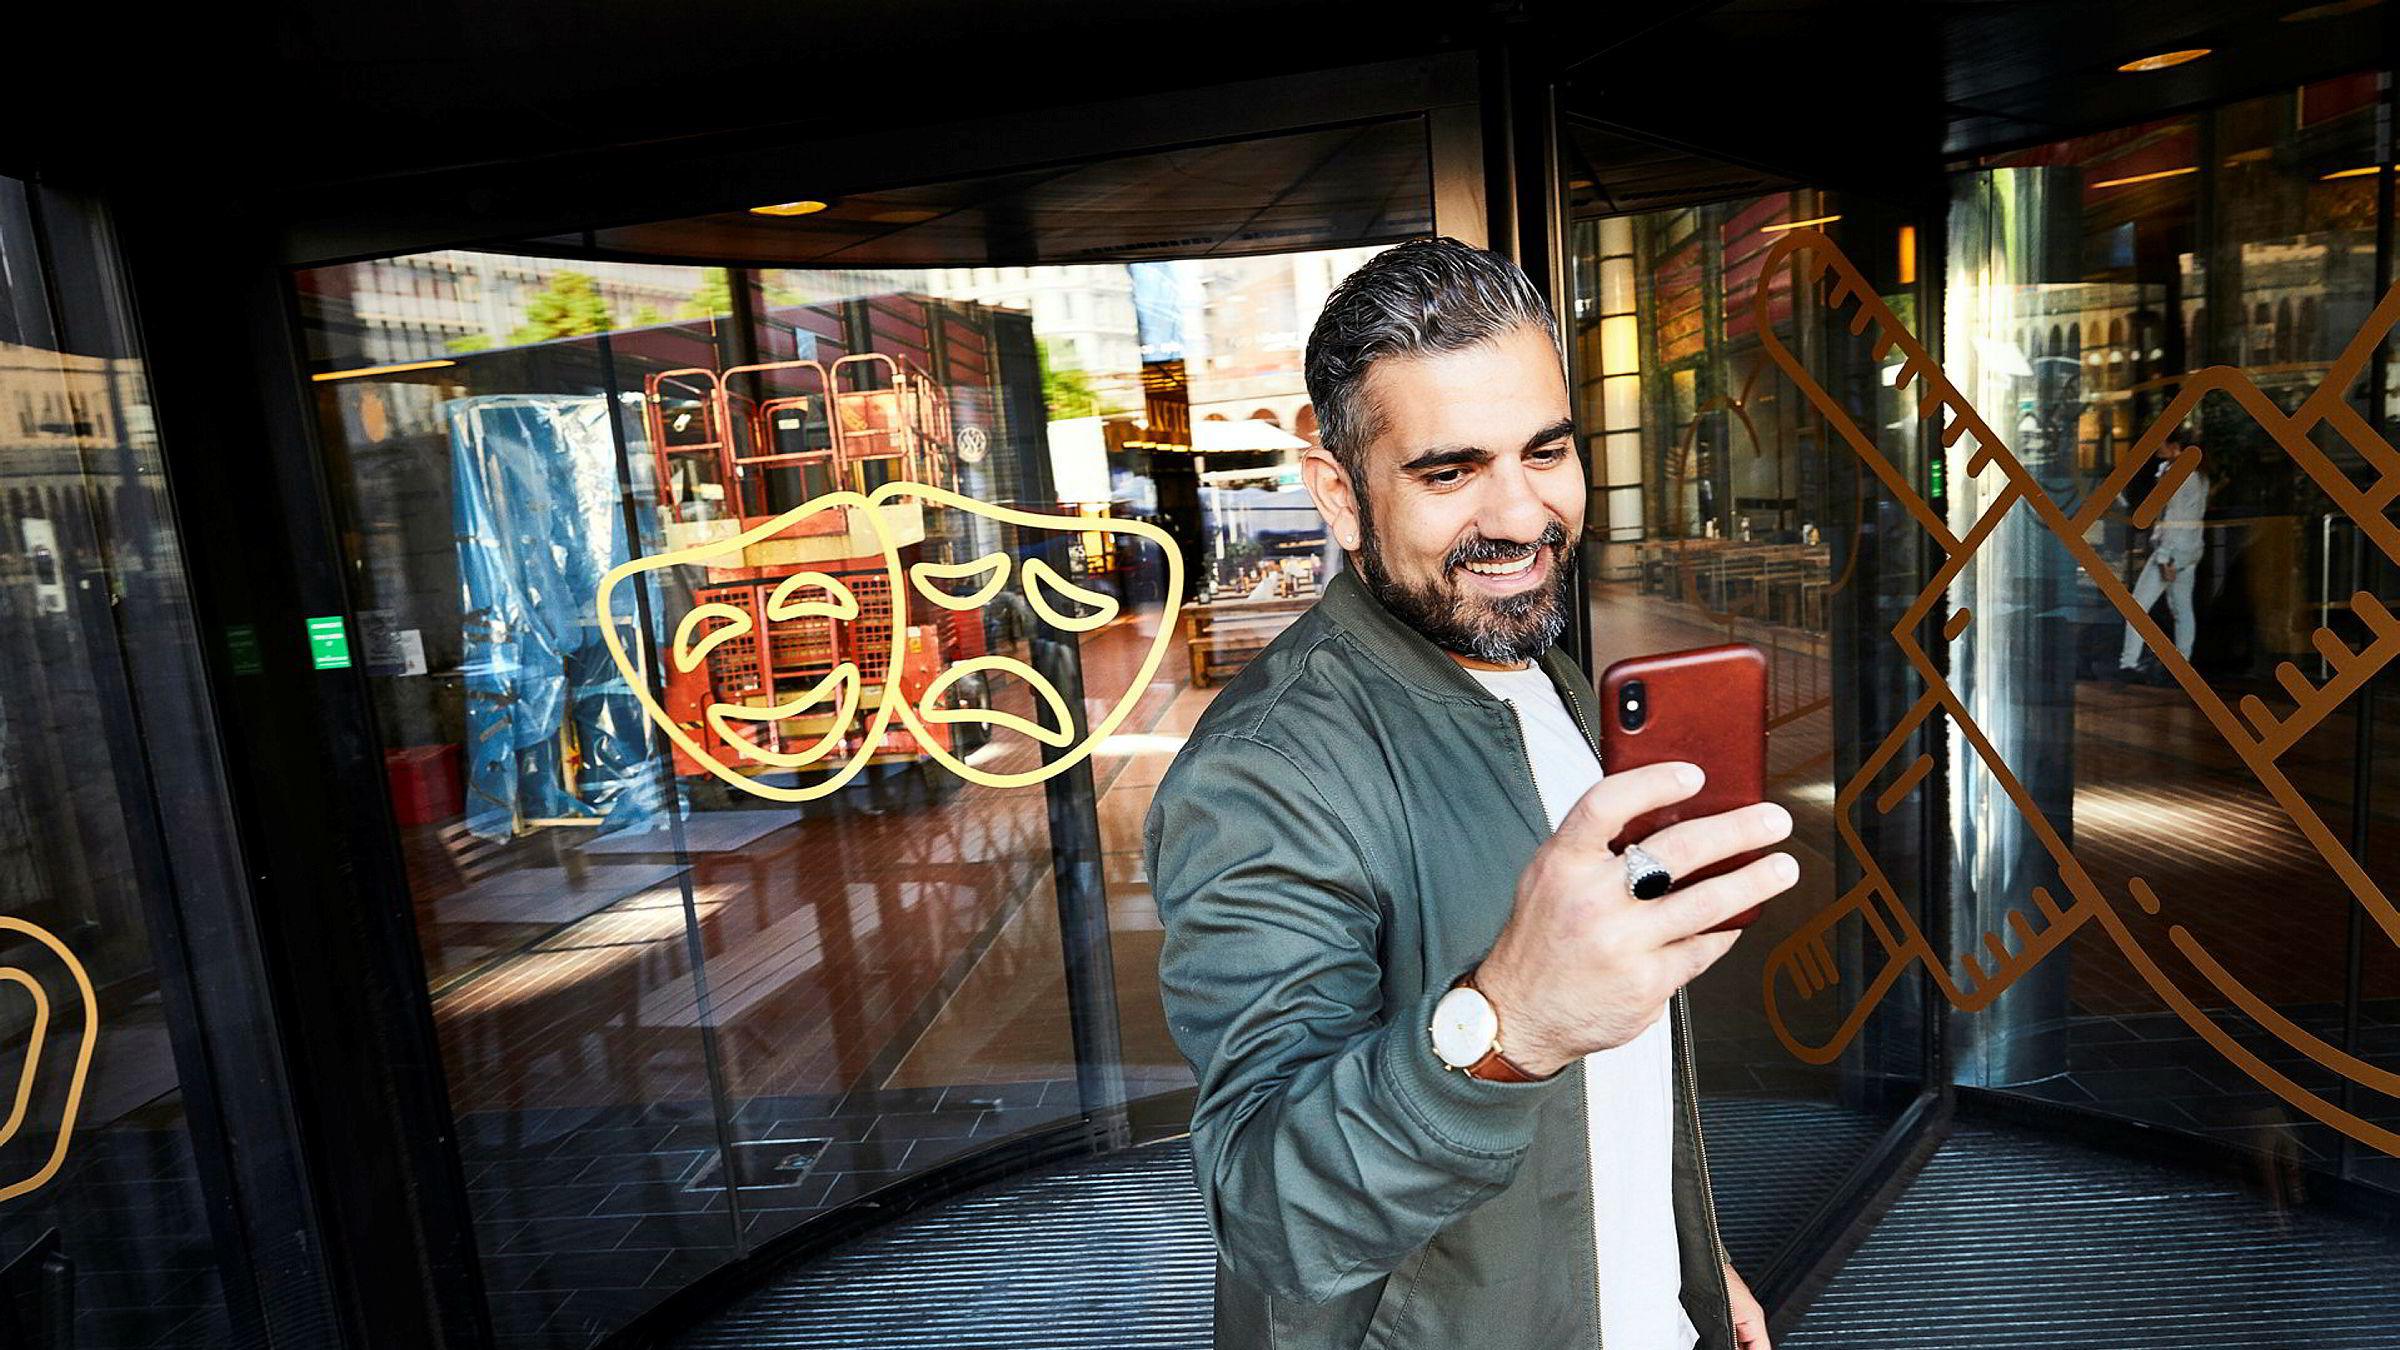 Pouria Ruhi har tidligere utviklet appene Bambuser og Lokalii. Nå har gründeren kommet opp med appen Last Call som skal sørge for at norske teater- og konsertsaler er fullsatte.